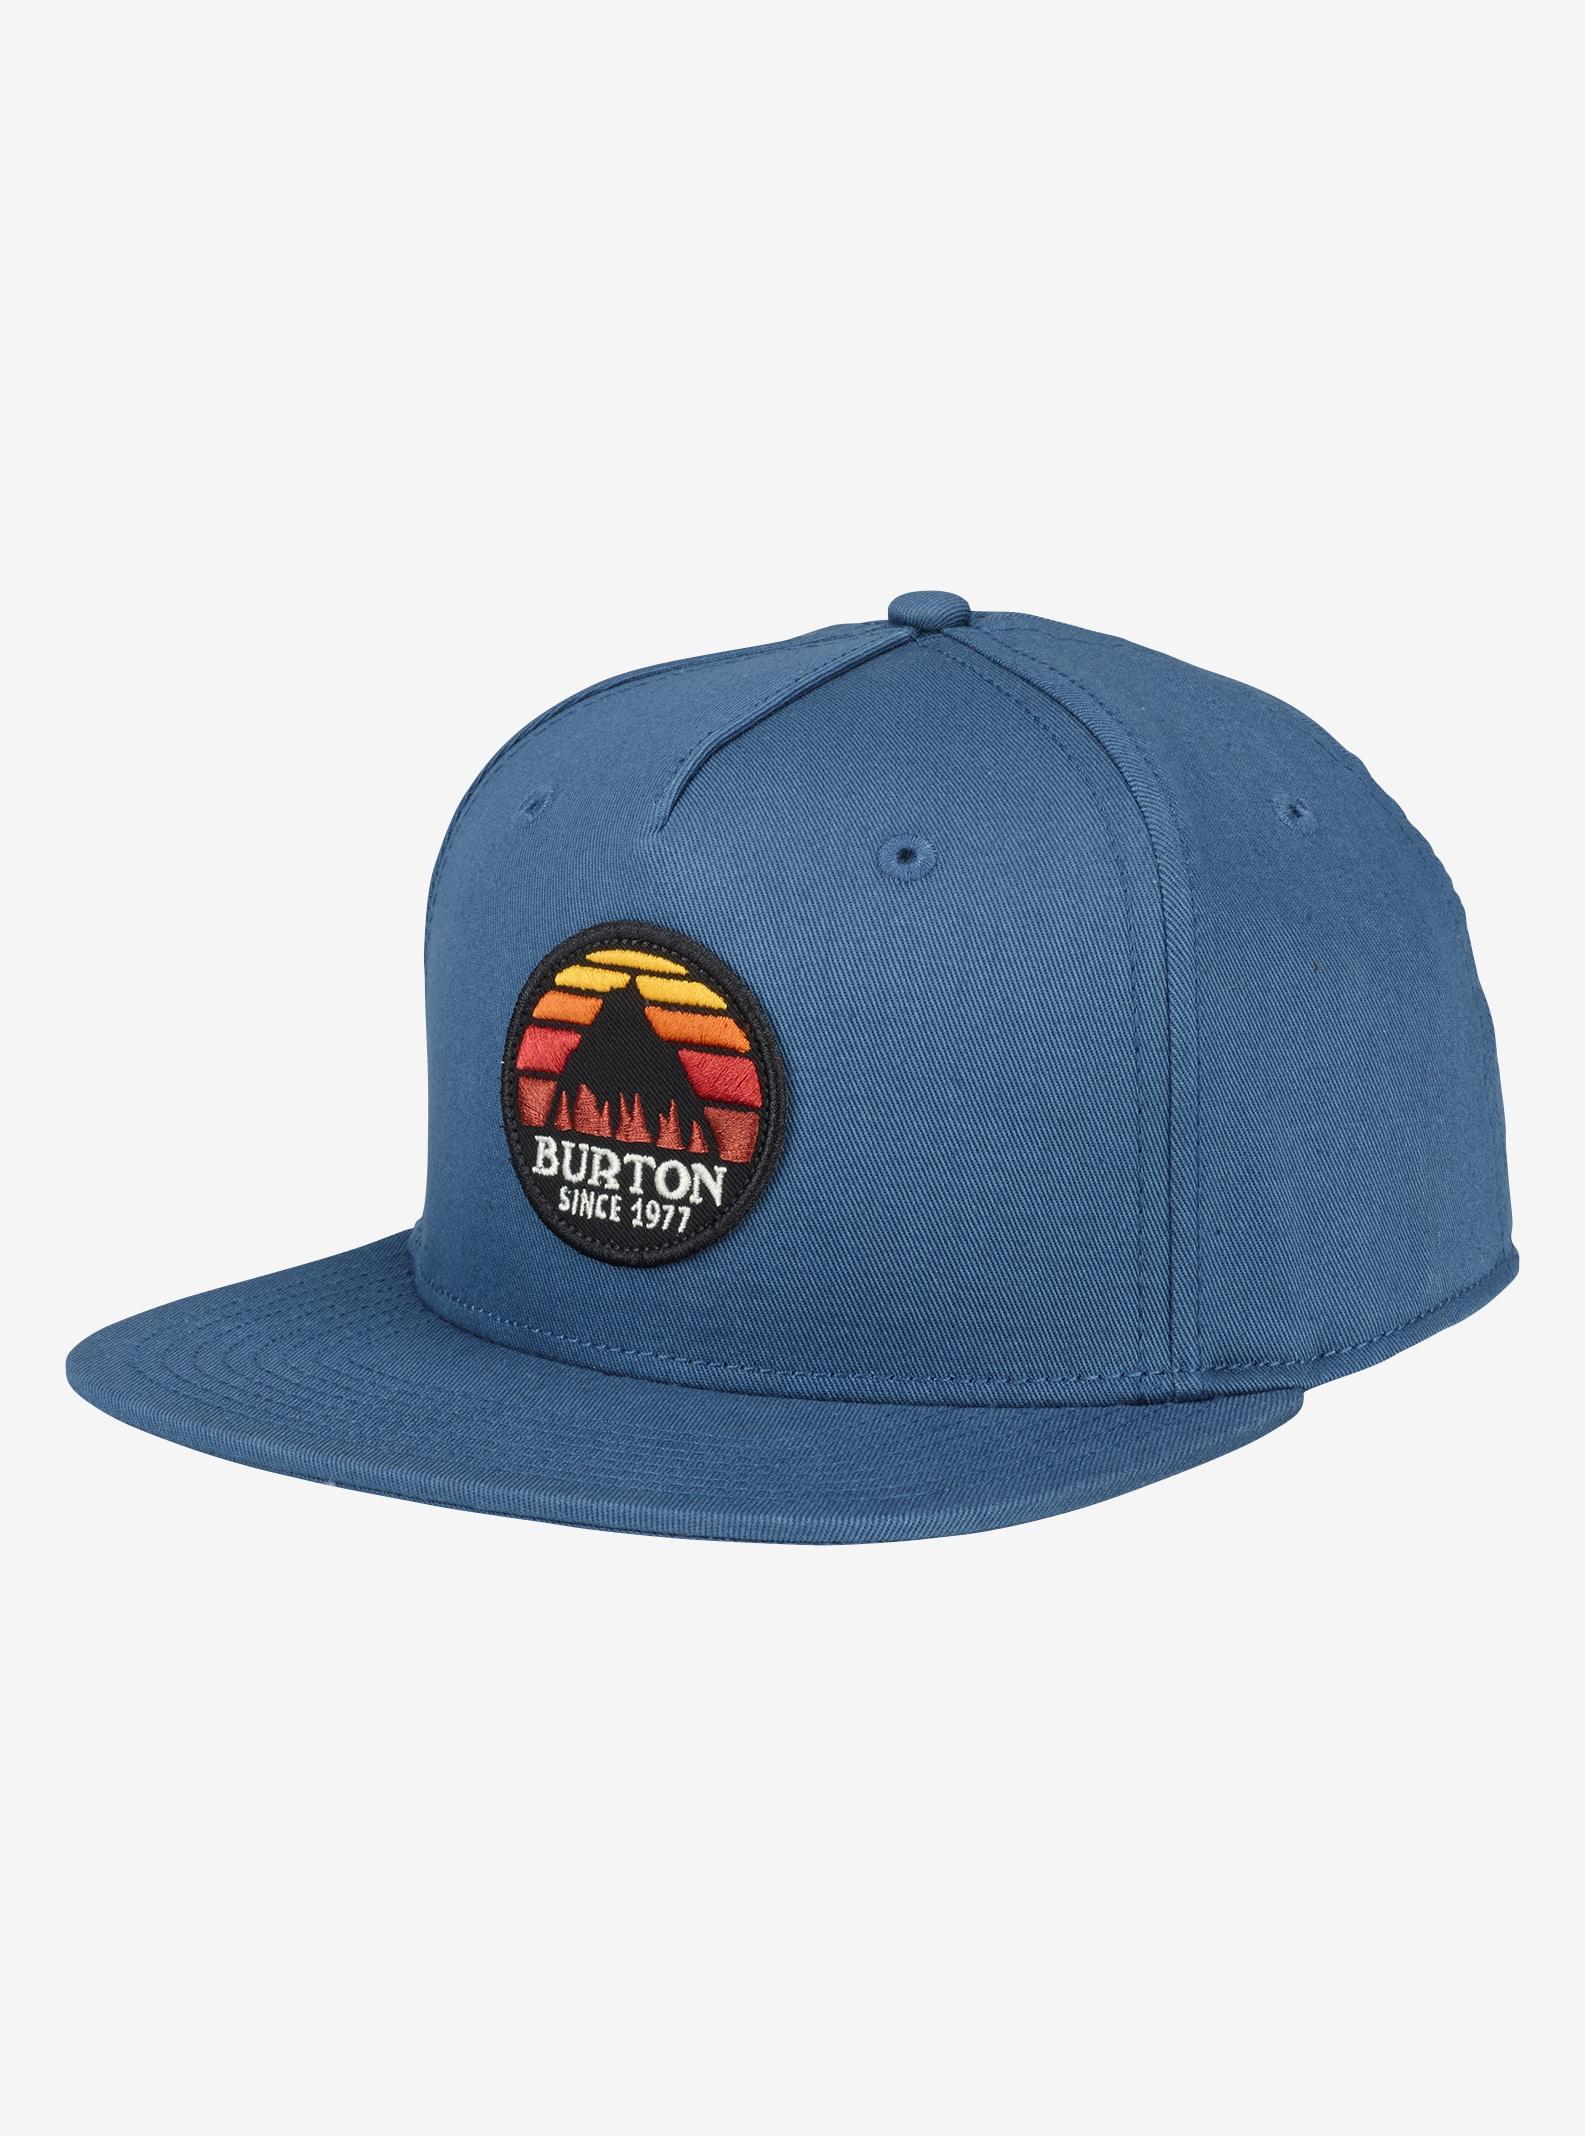 Men's Burton Underhill Hat shown in Indigo